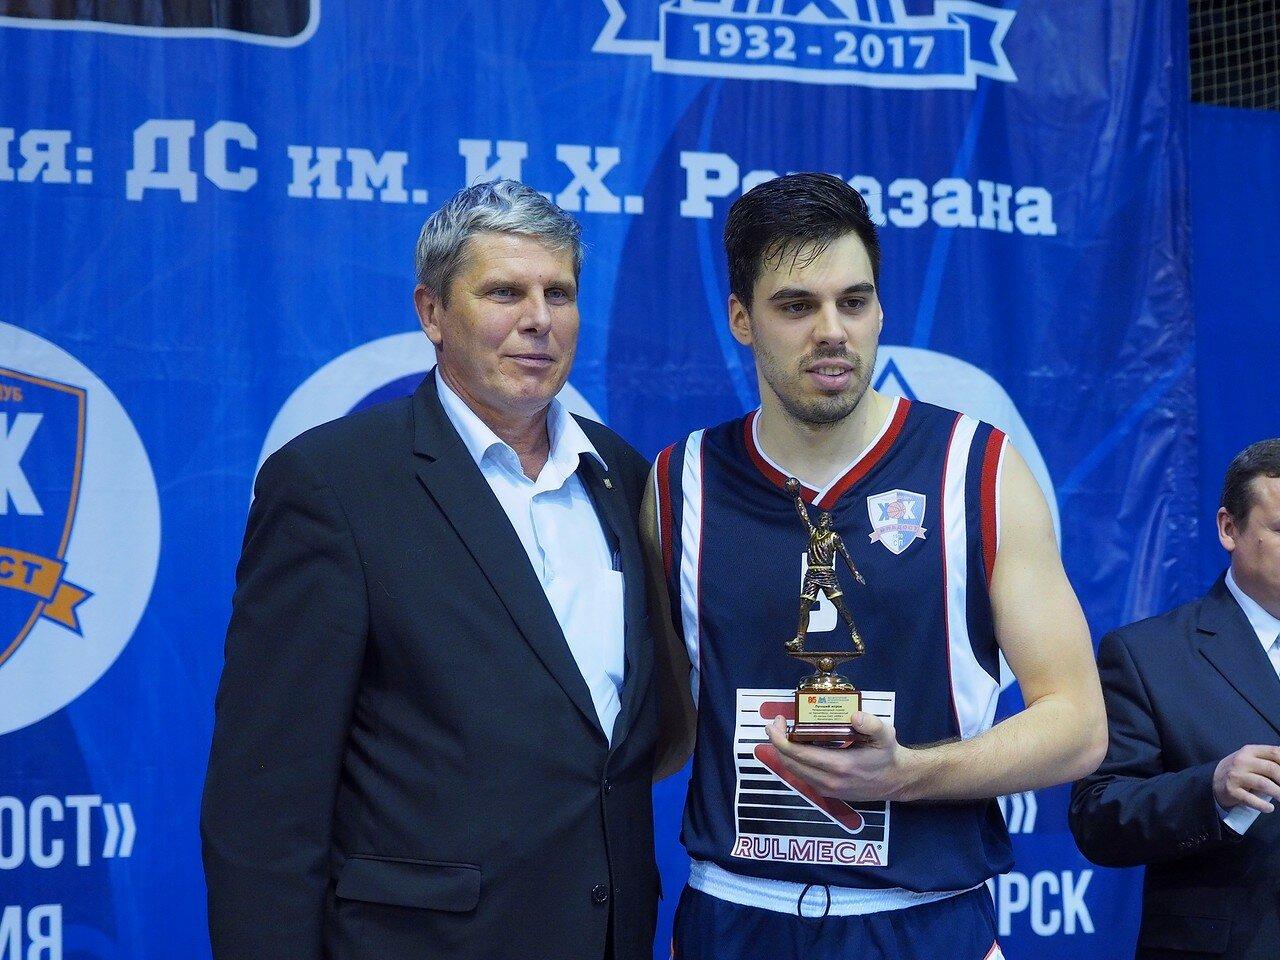 117 Младост - Динамо 28.05.2017